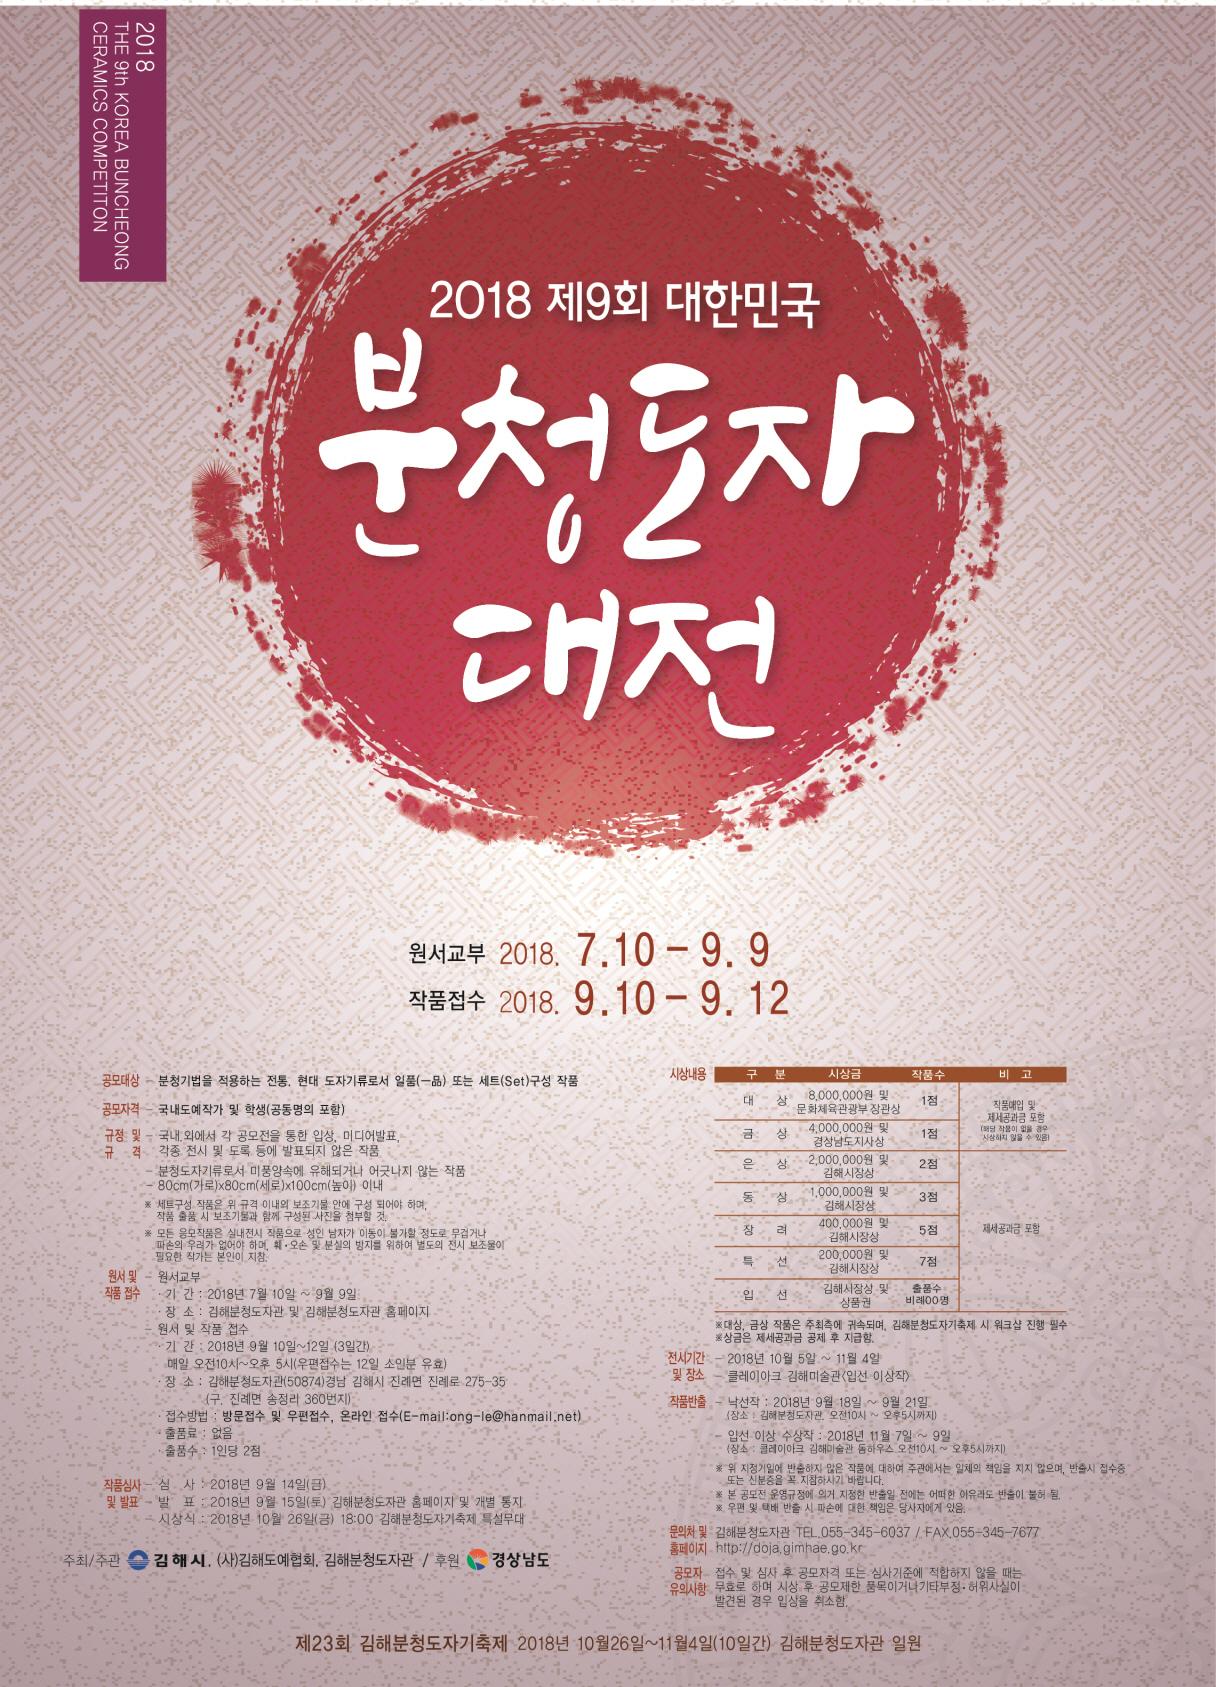 2018 제9회 대한민국 분청도자대전